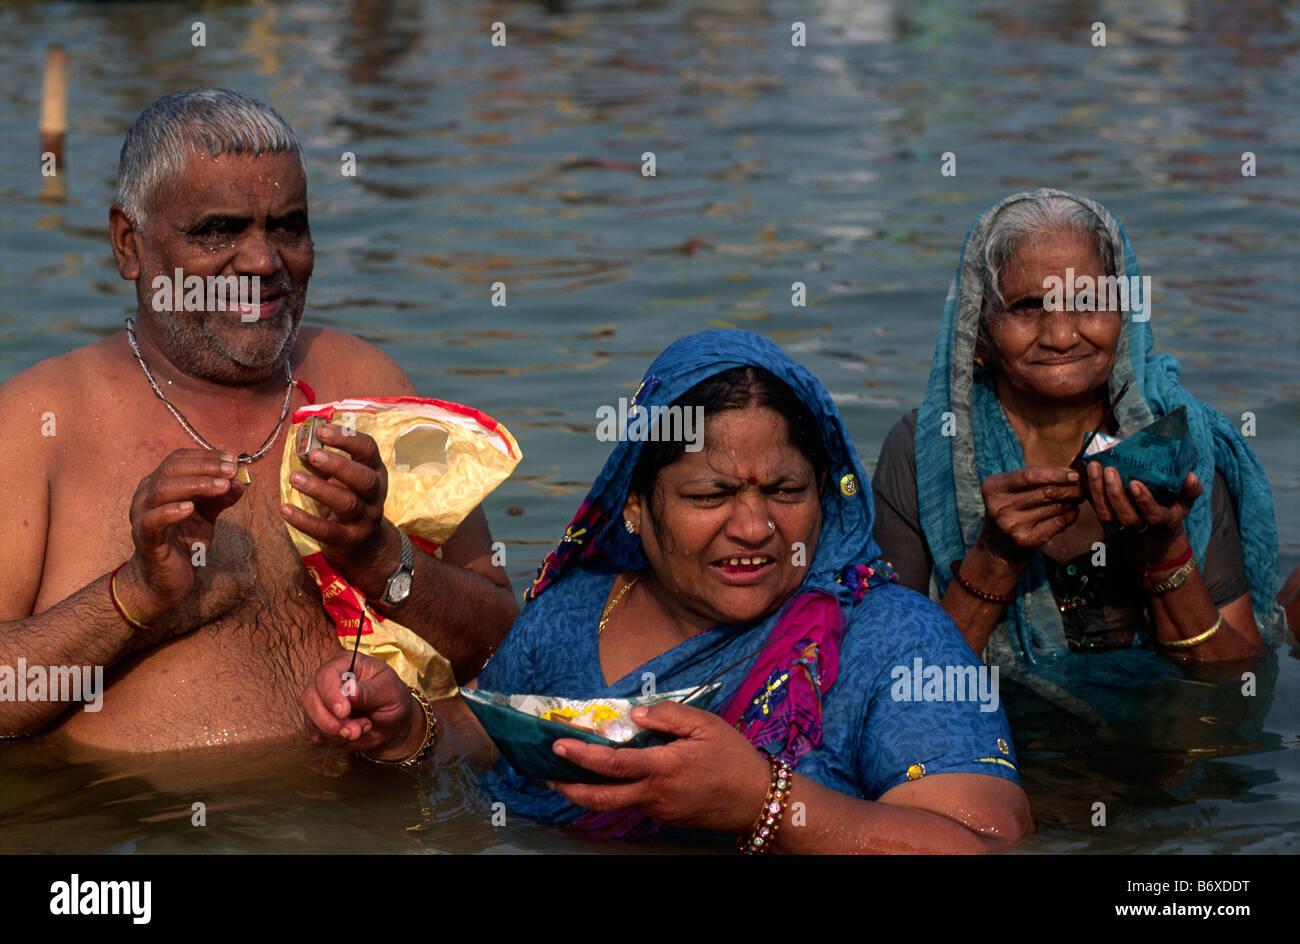 La India, Uttar Pradesh, Allahabad, Sangam, la gente se baña en la confluencia de los ríos Ganges y Yamuna Foto de stock